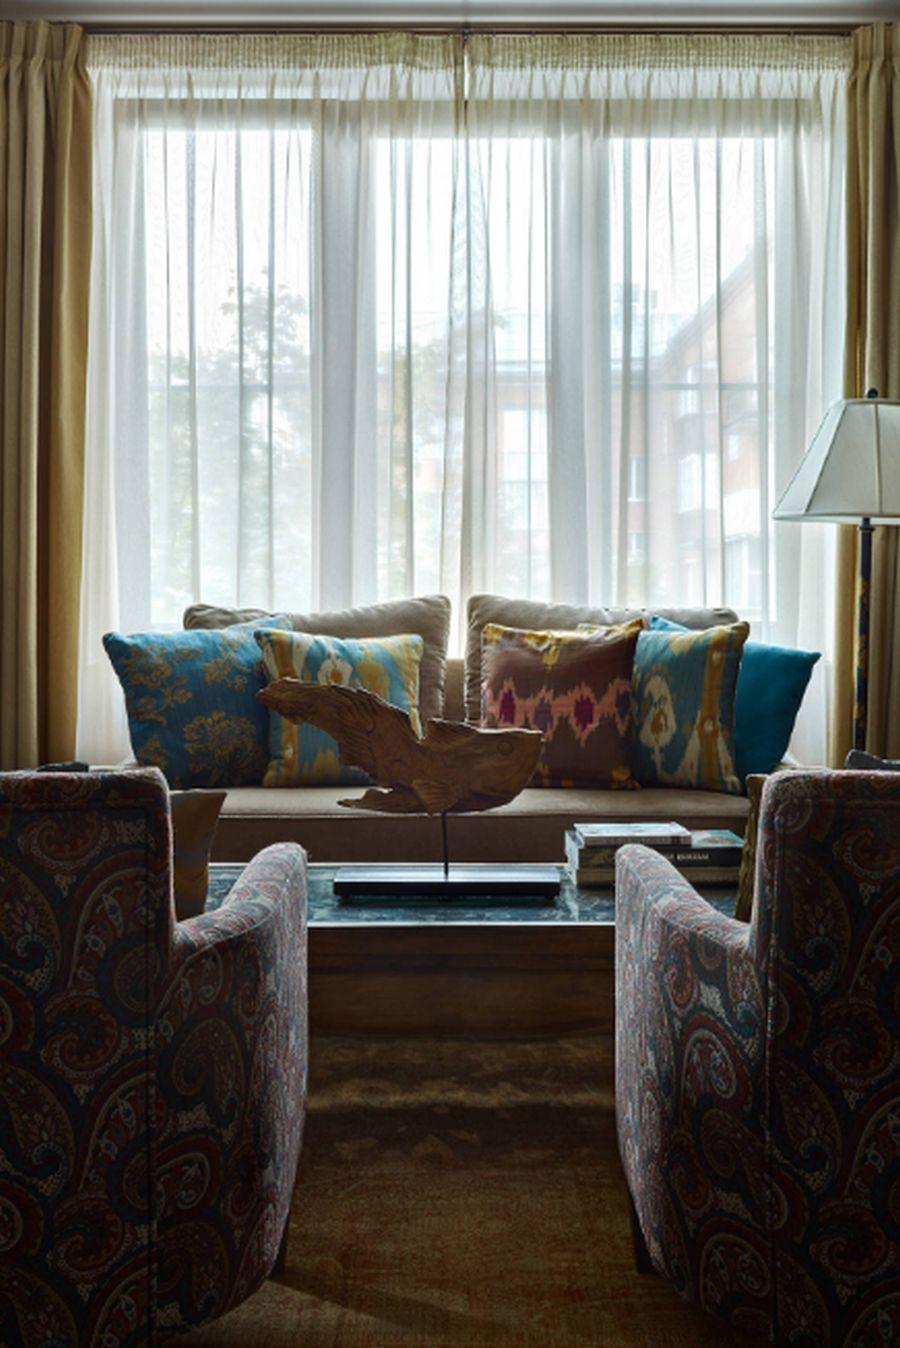 adelaparvu.com despre apartament de 93 mp,Moscova, Design Valery Belousov, Valery Design, Foto Sergey Ananiev (13)